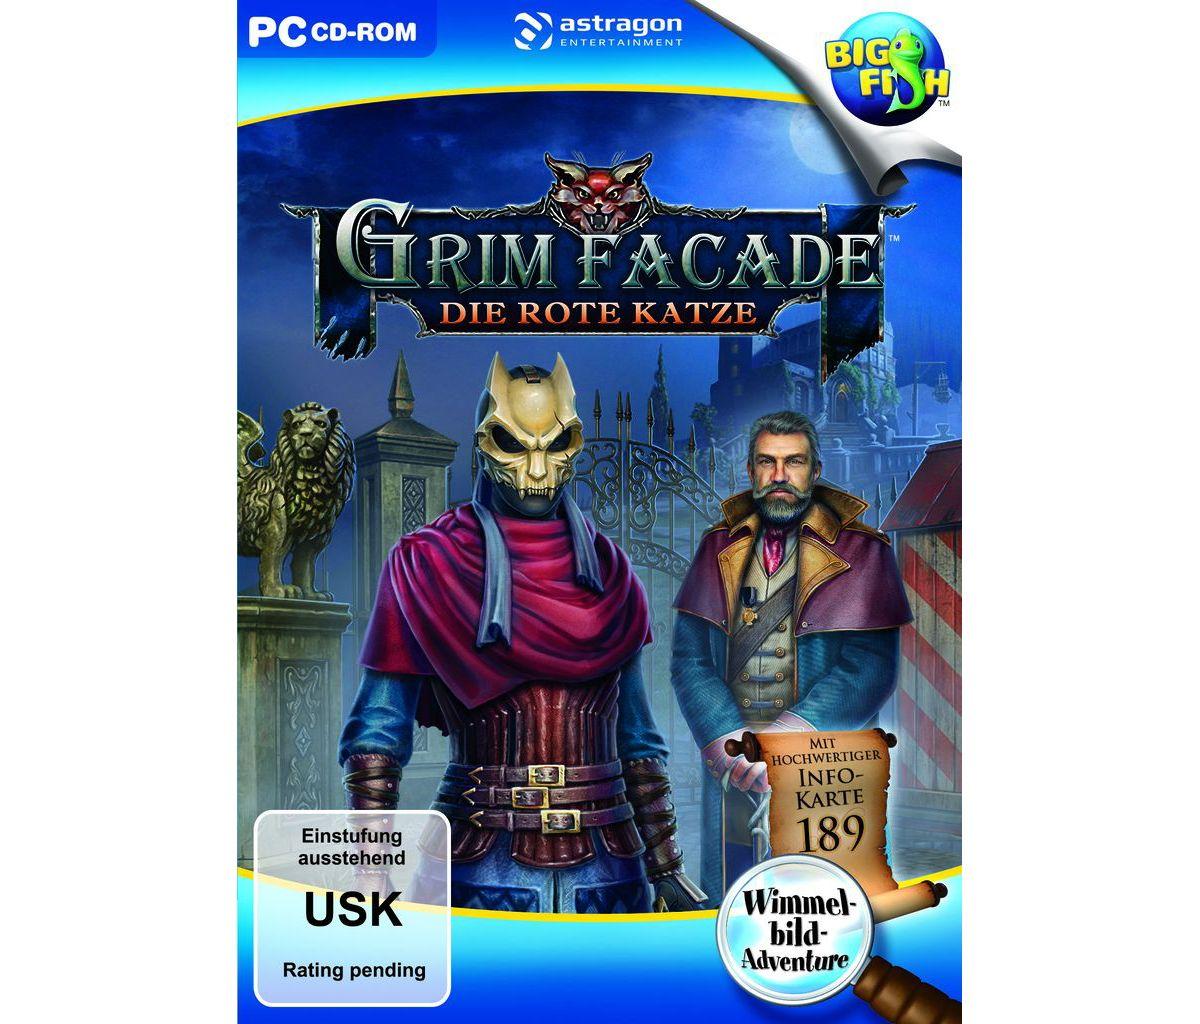 Astragon PC - Spiel »Grim Façade: Die Rote Katze«